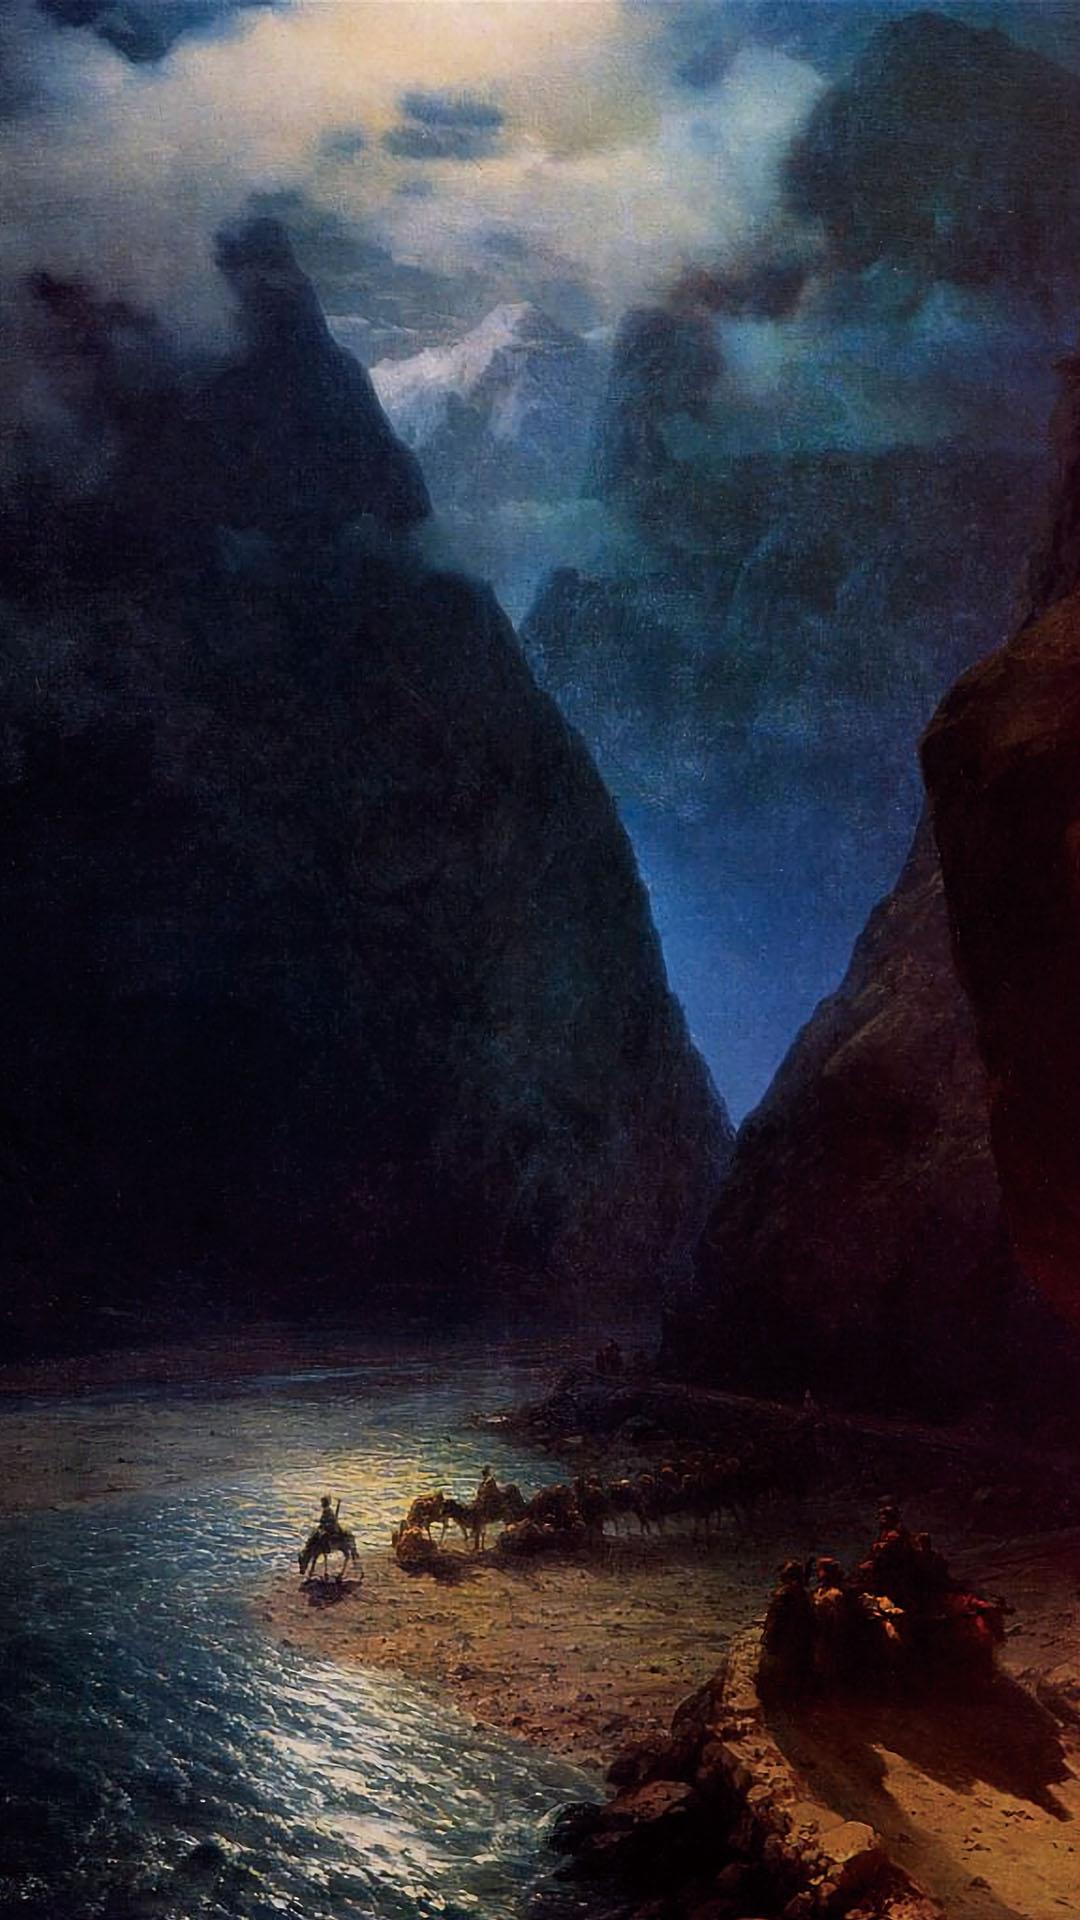 アイヴァゾフスキー ダリアル渓谷 Ivan Aivazovsky - Darial Gorge 1080x1920